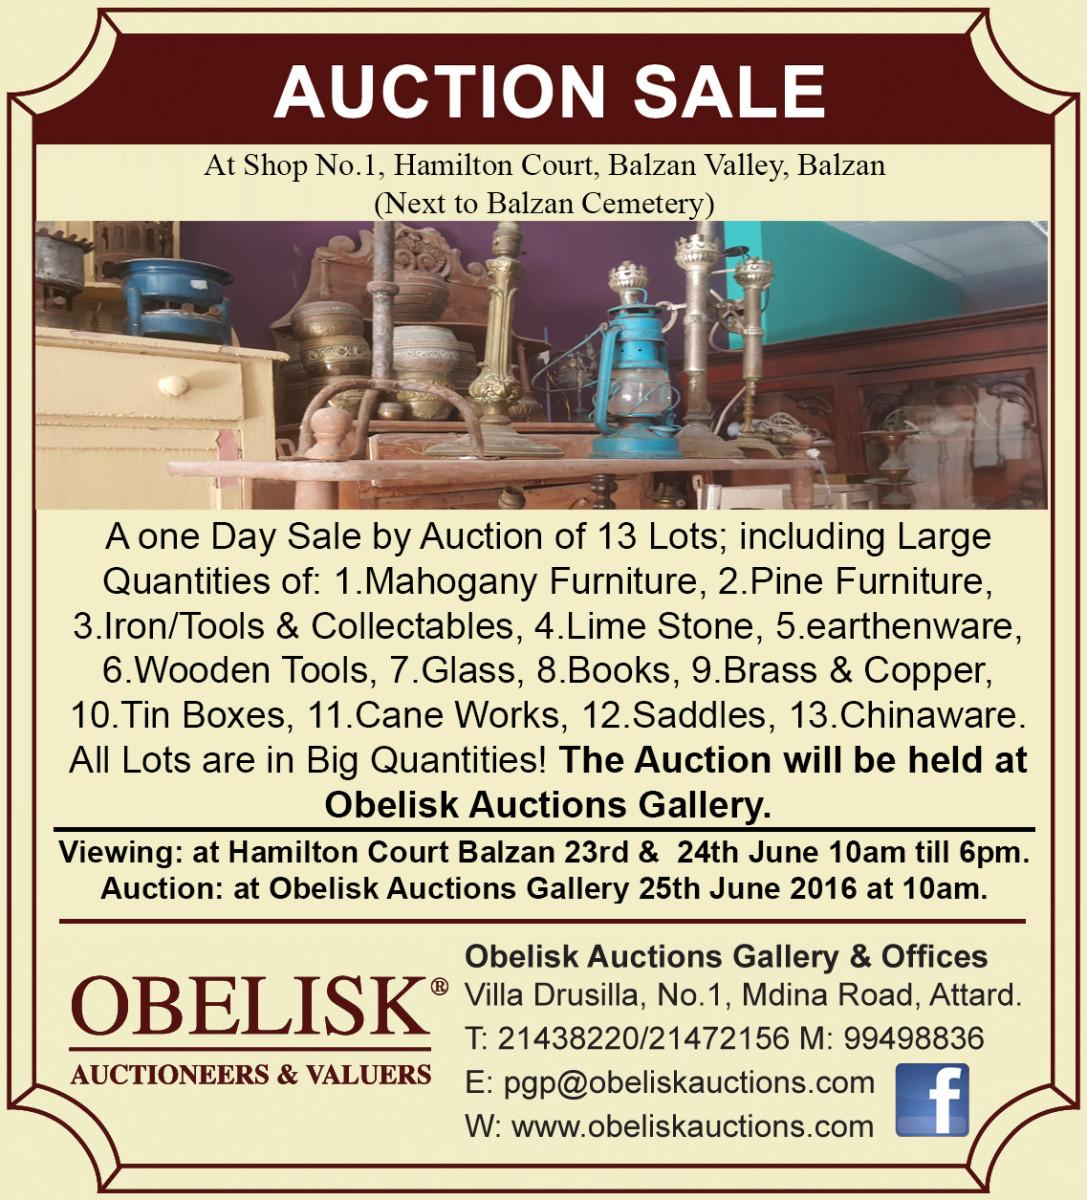 Obelisk-10x2 16 6 16-Ad-color 2